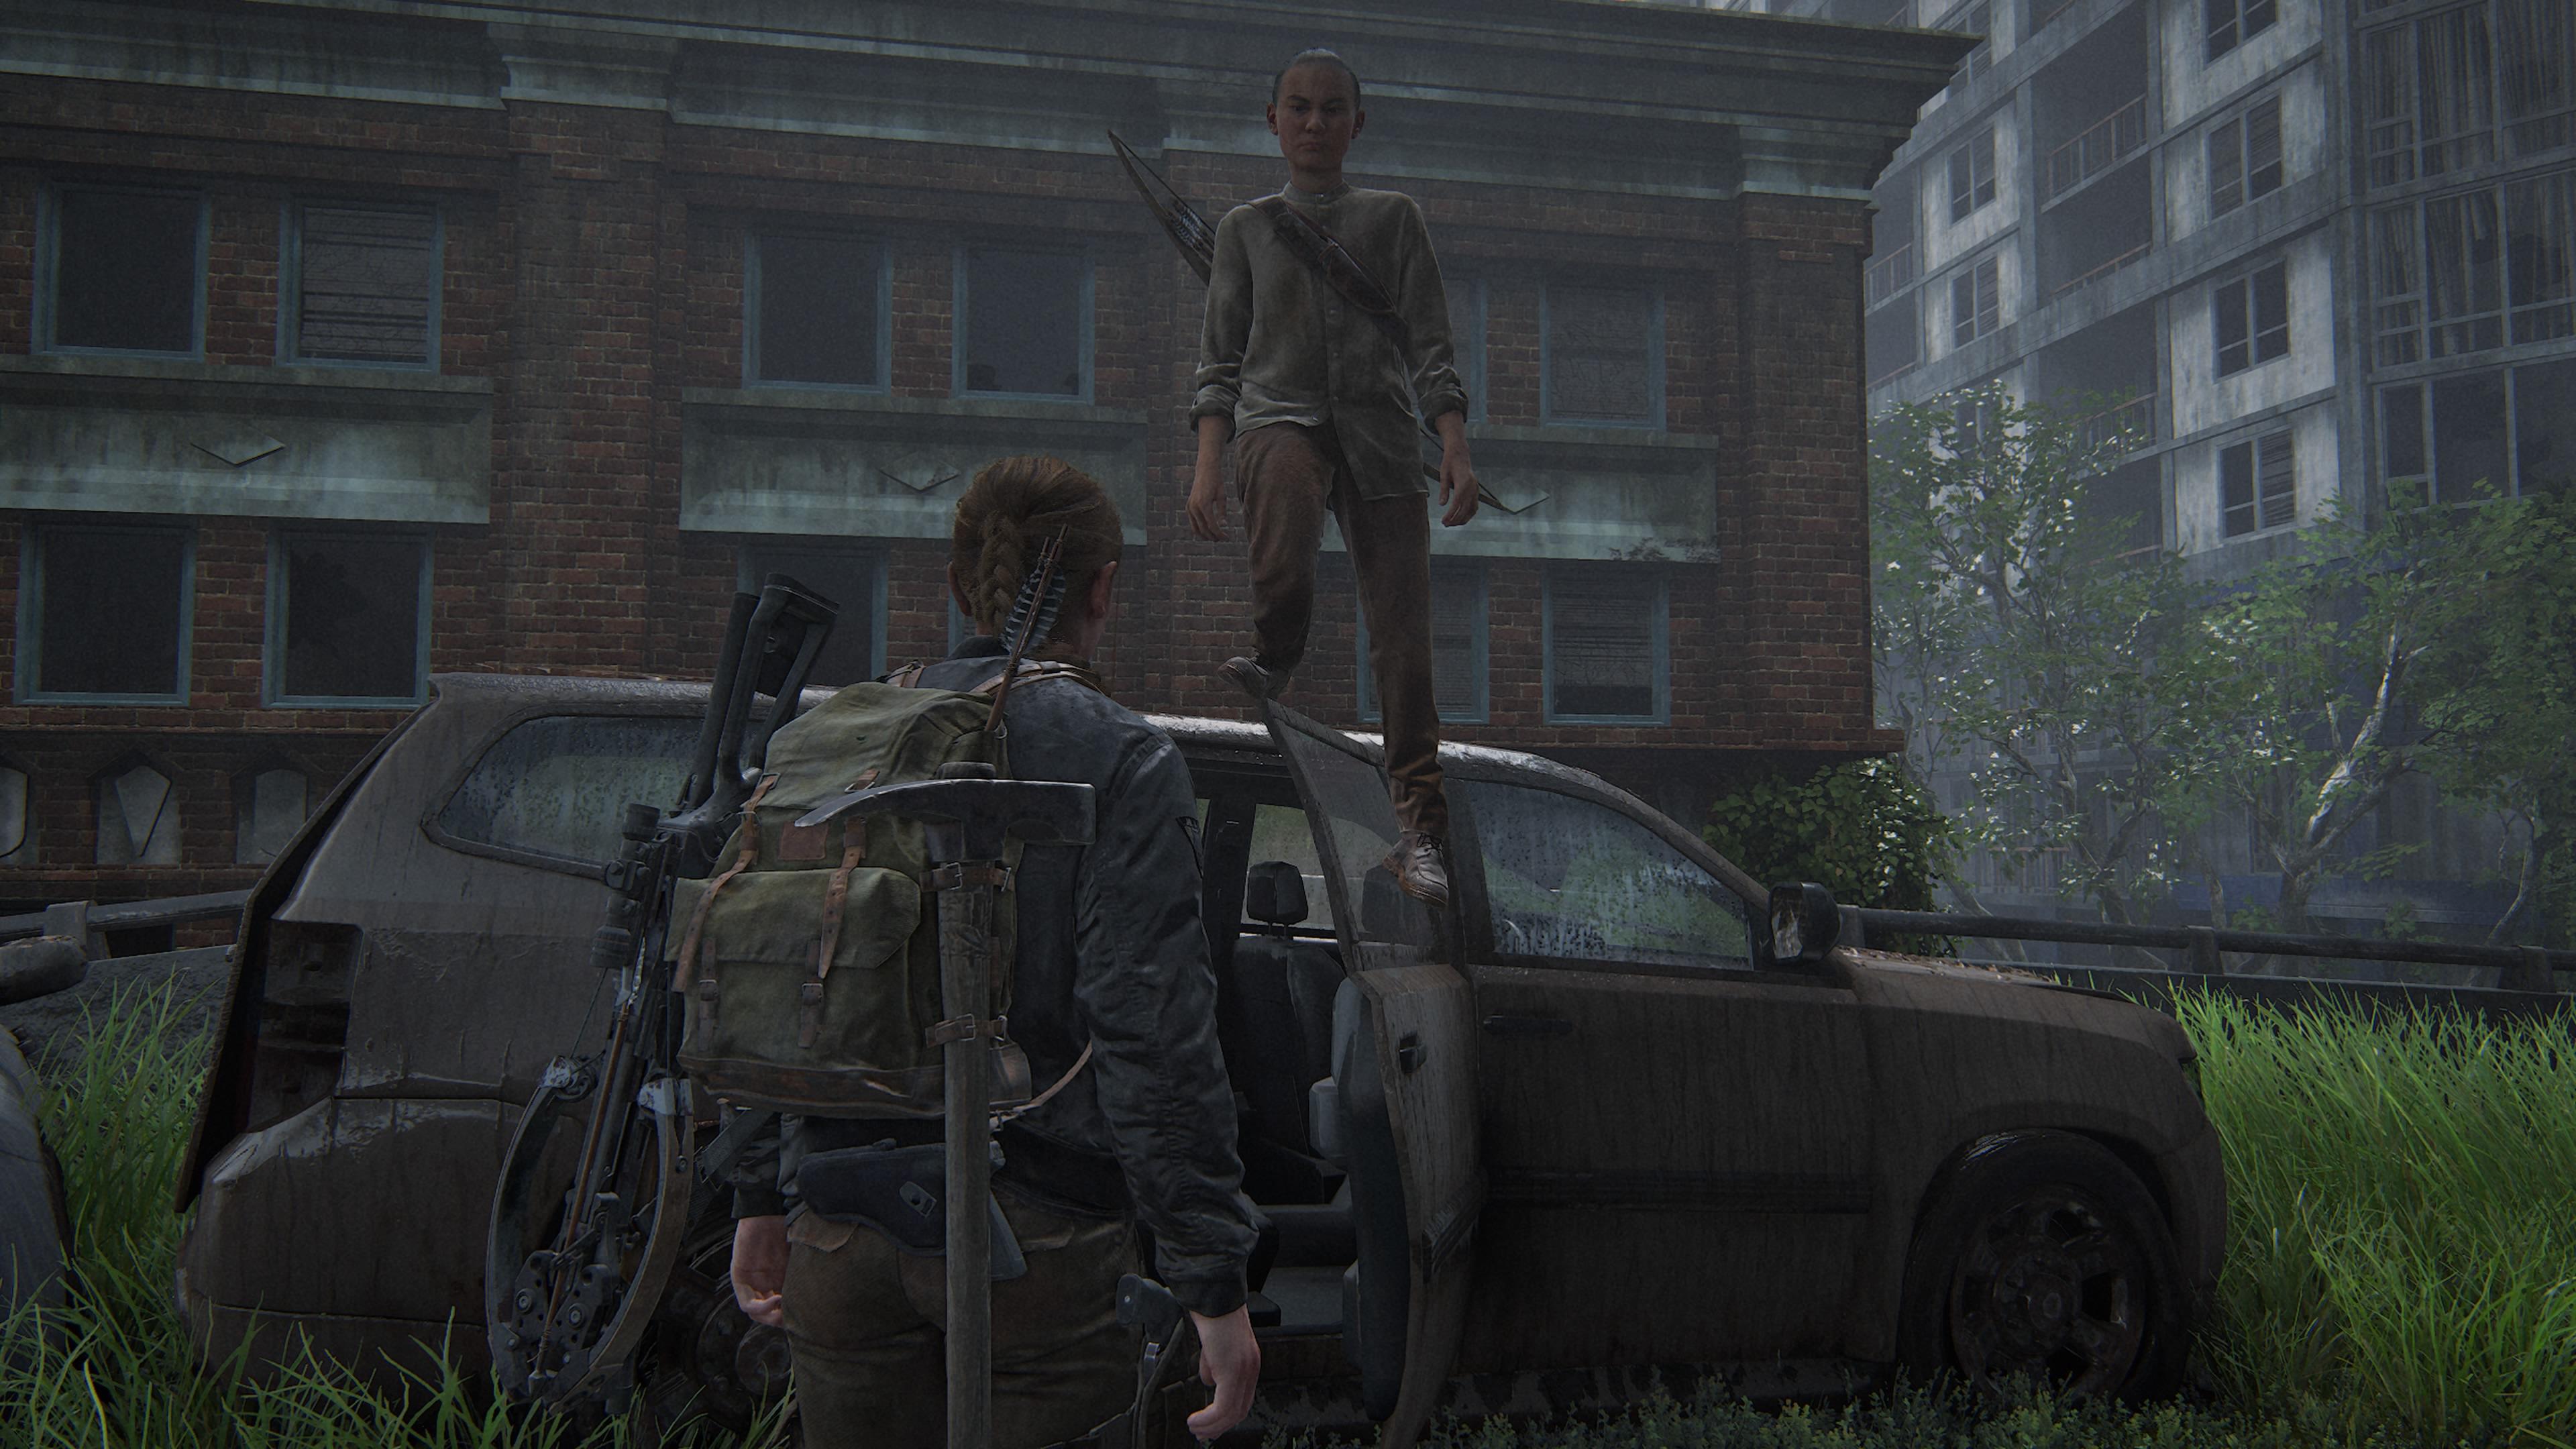 Куда полез? - The Last of Us: Part 2